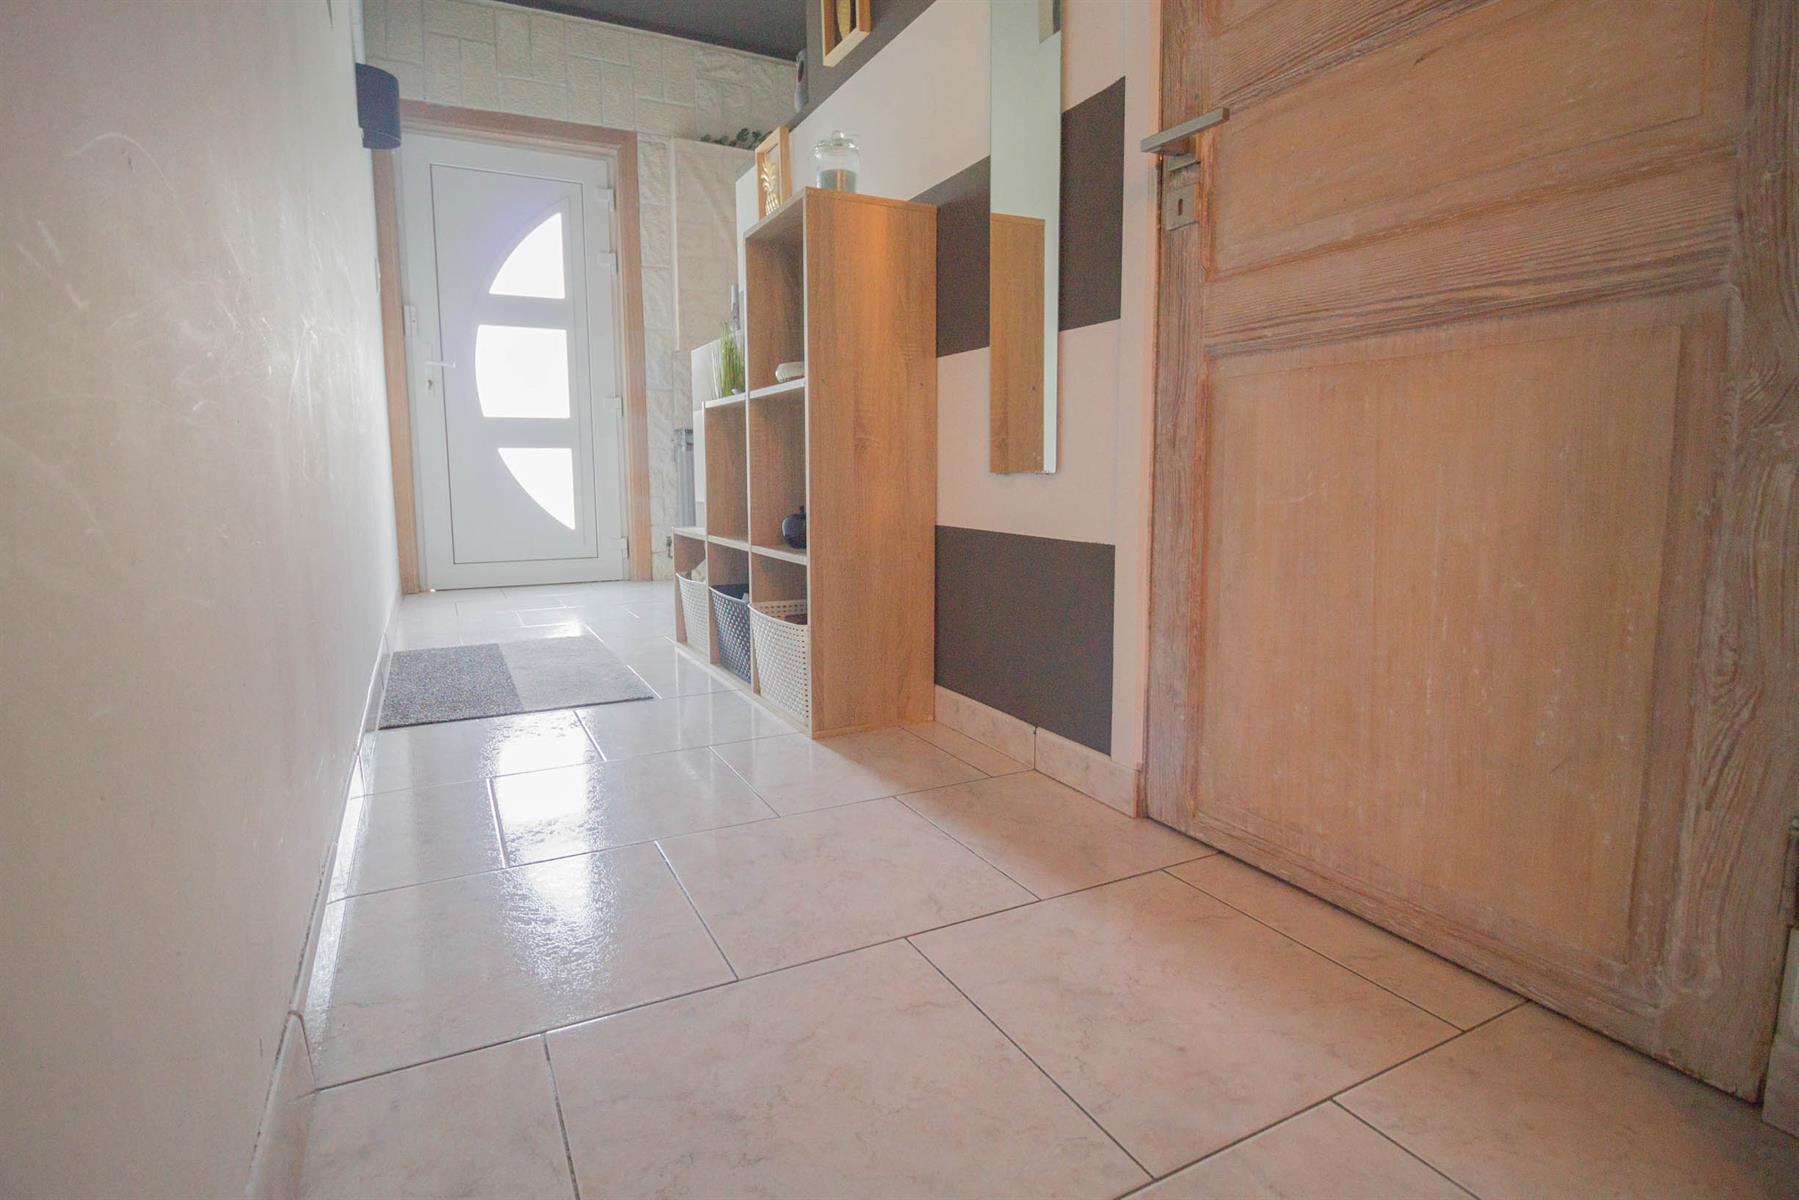 Maison - Forchies-la-Marche - #4381660-2